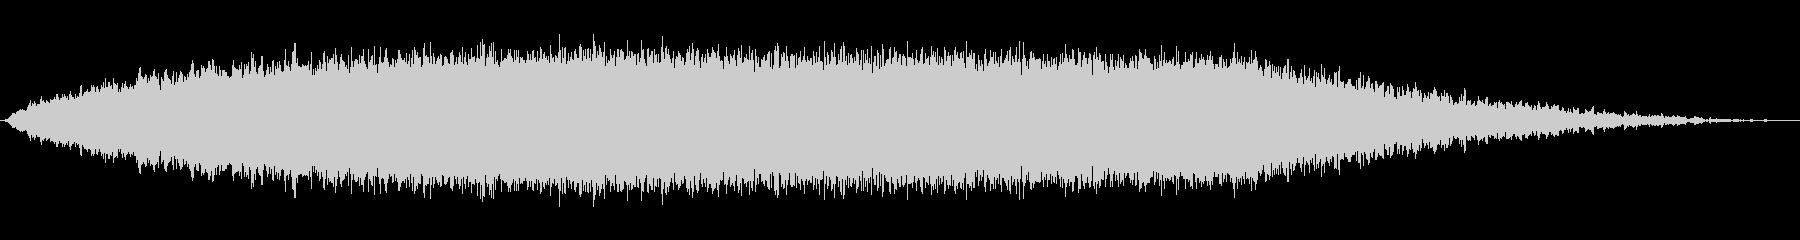 上昇 シンセロング01の未再生の波形